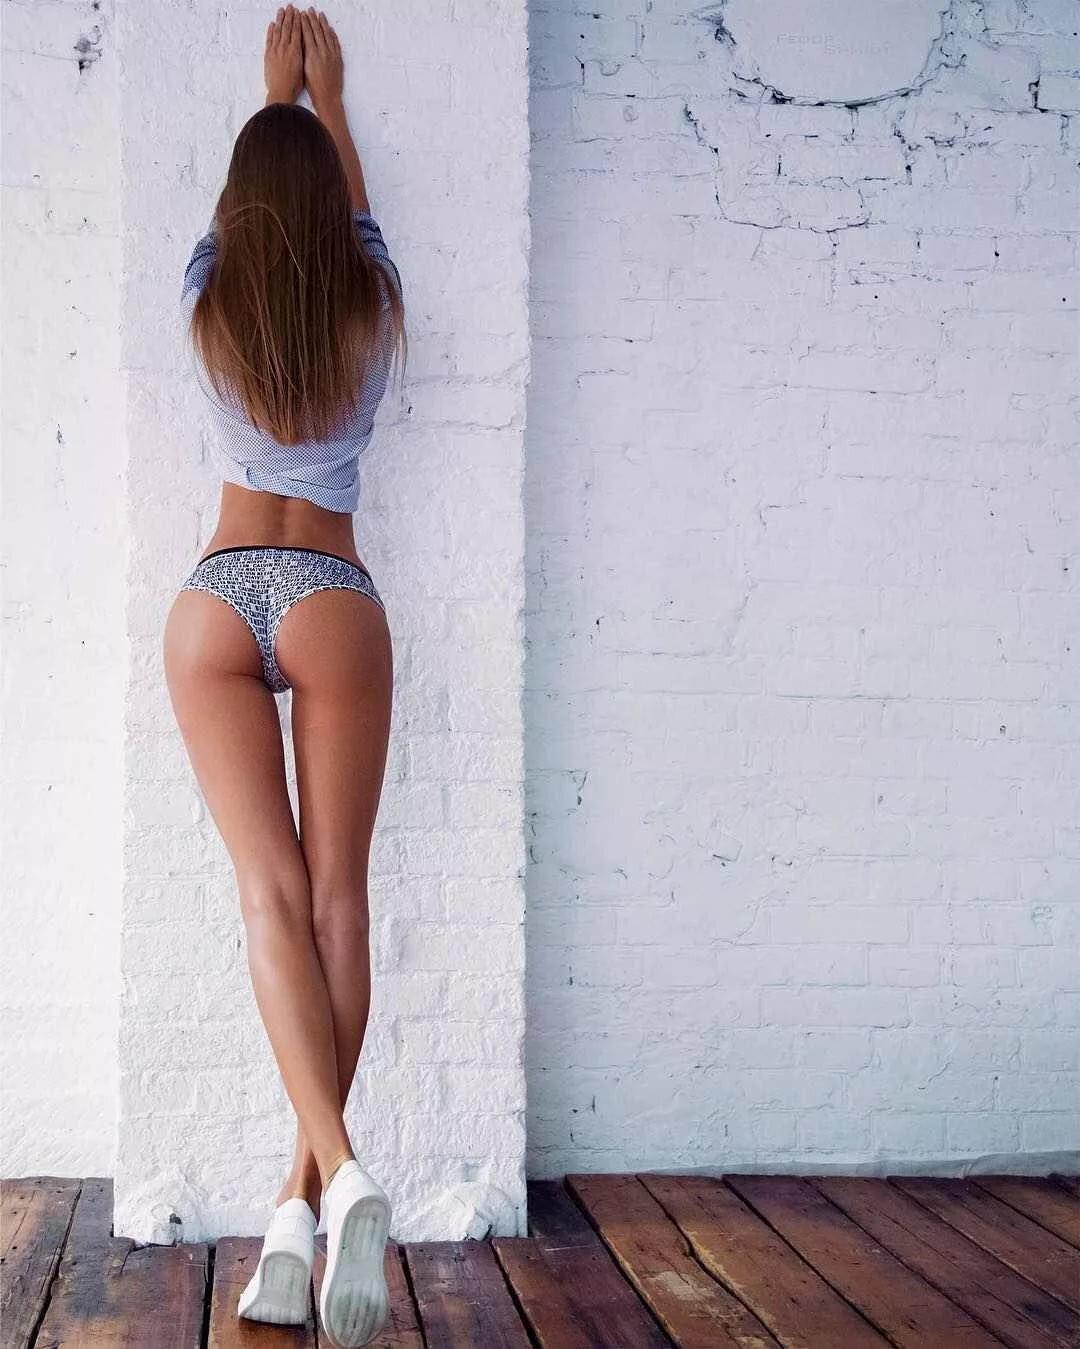 Длинные ноги и красивая попа онлайн, порно с облизыванием ножек